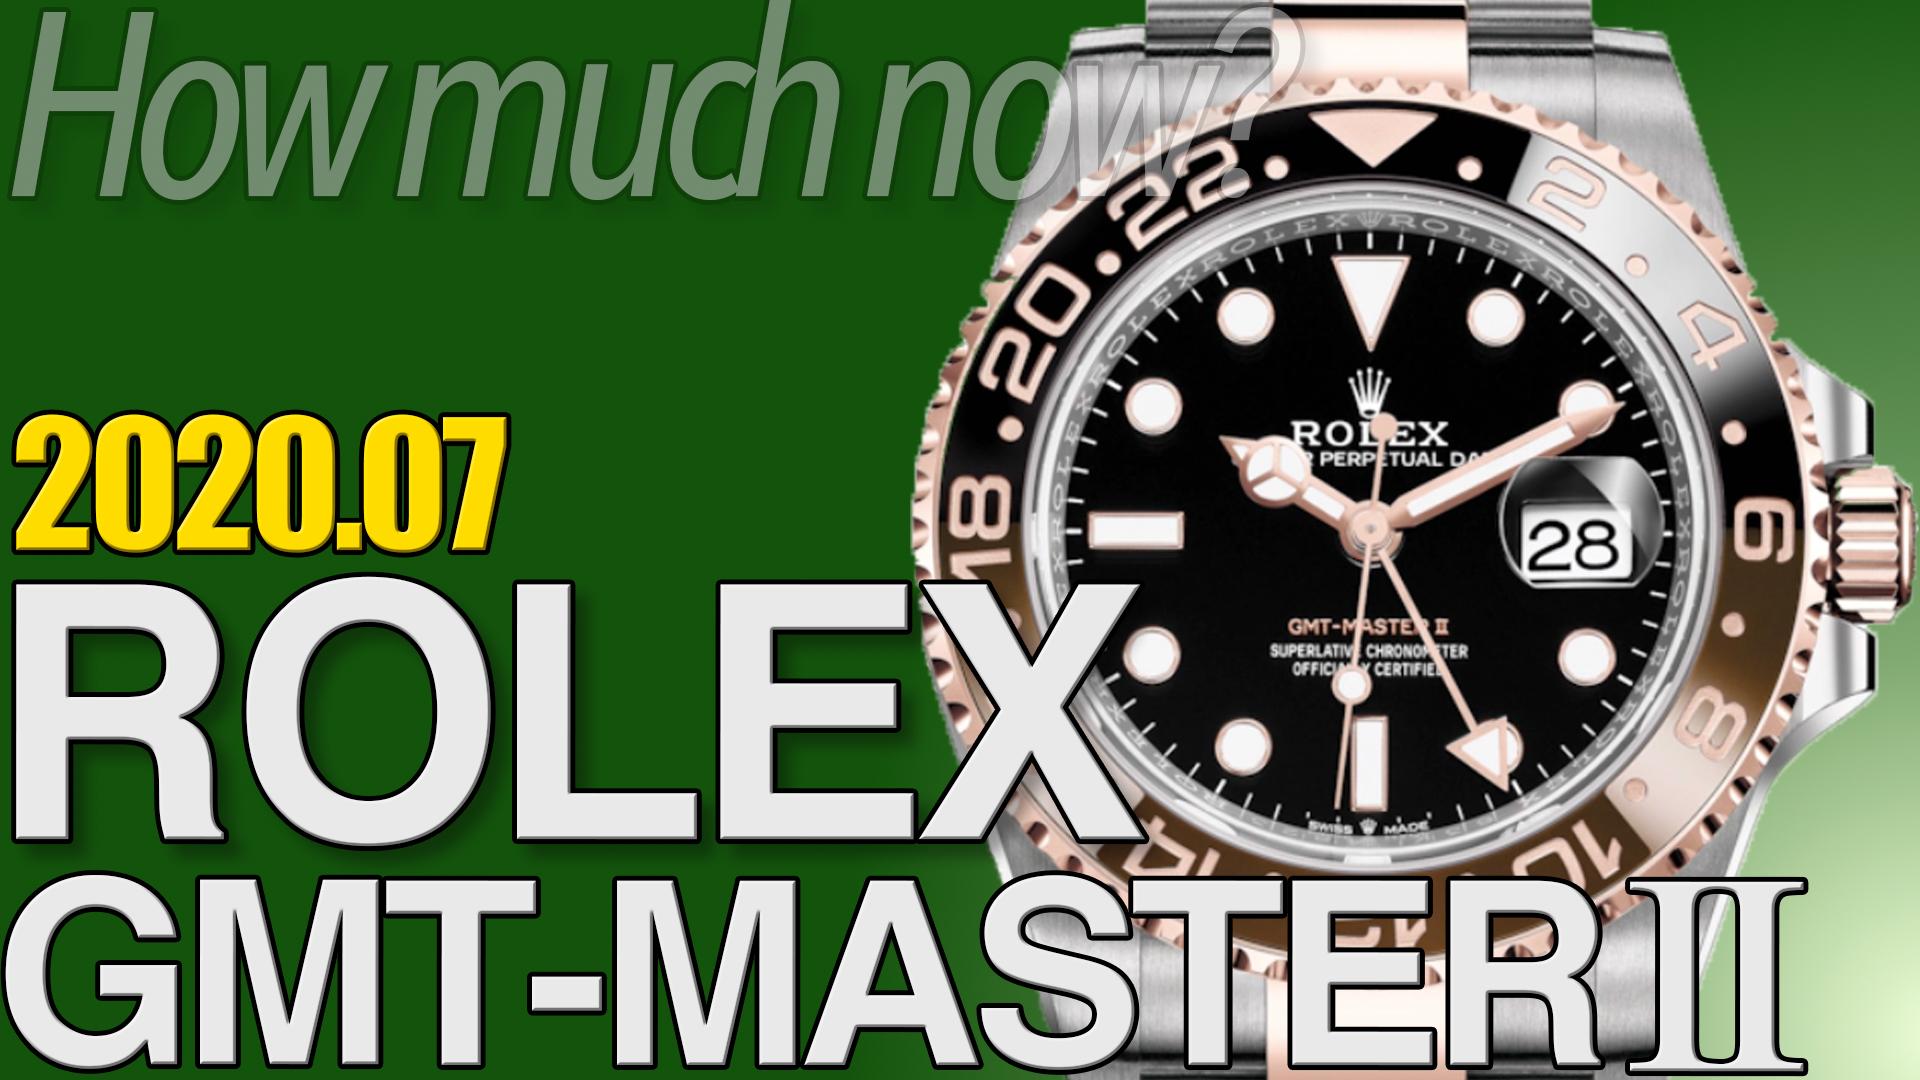 GMTマスター2 買取相場まとめ 2020年7月版 |ロレックス時計の価格情報